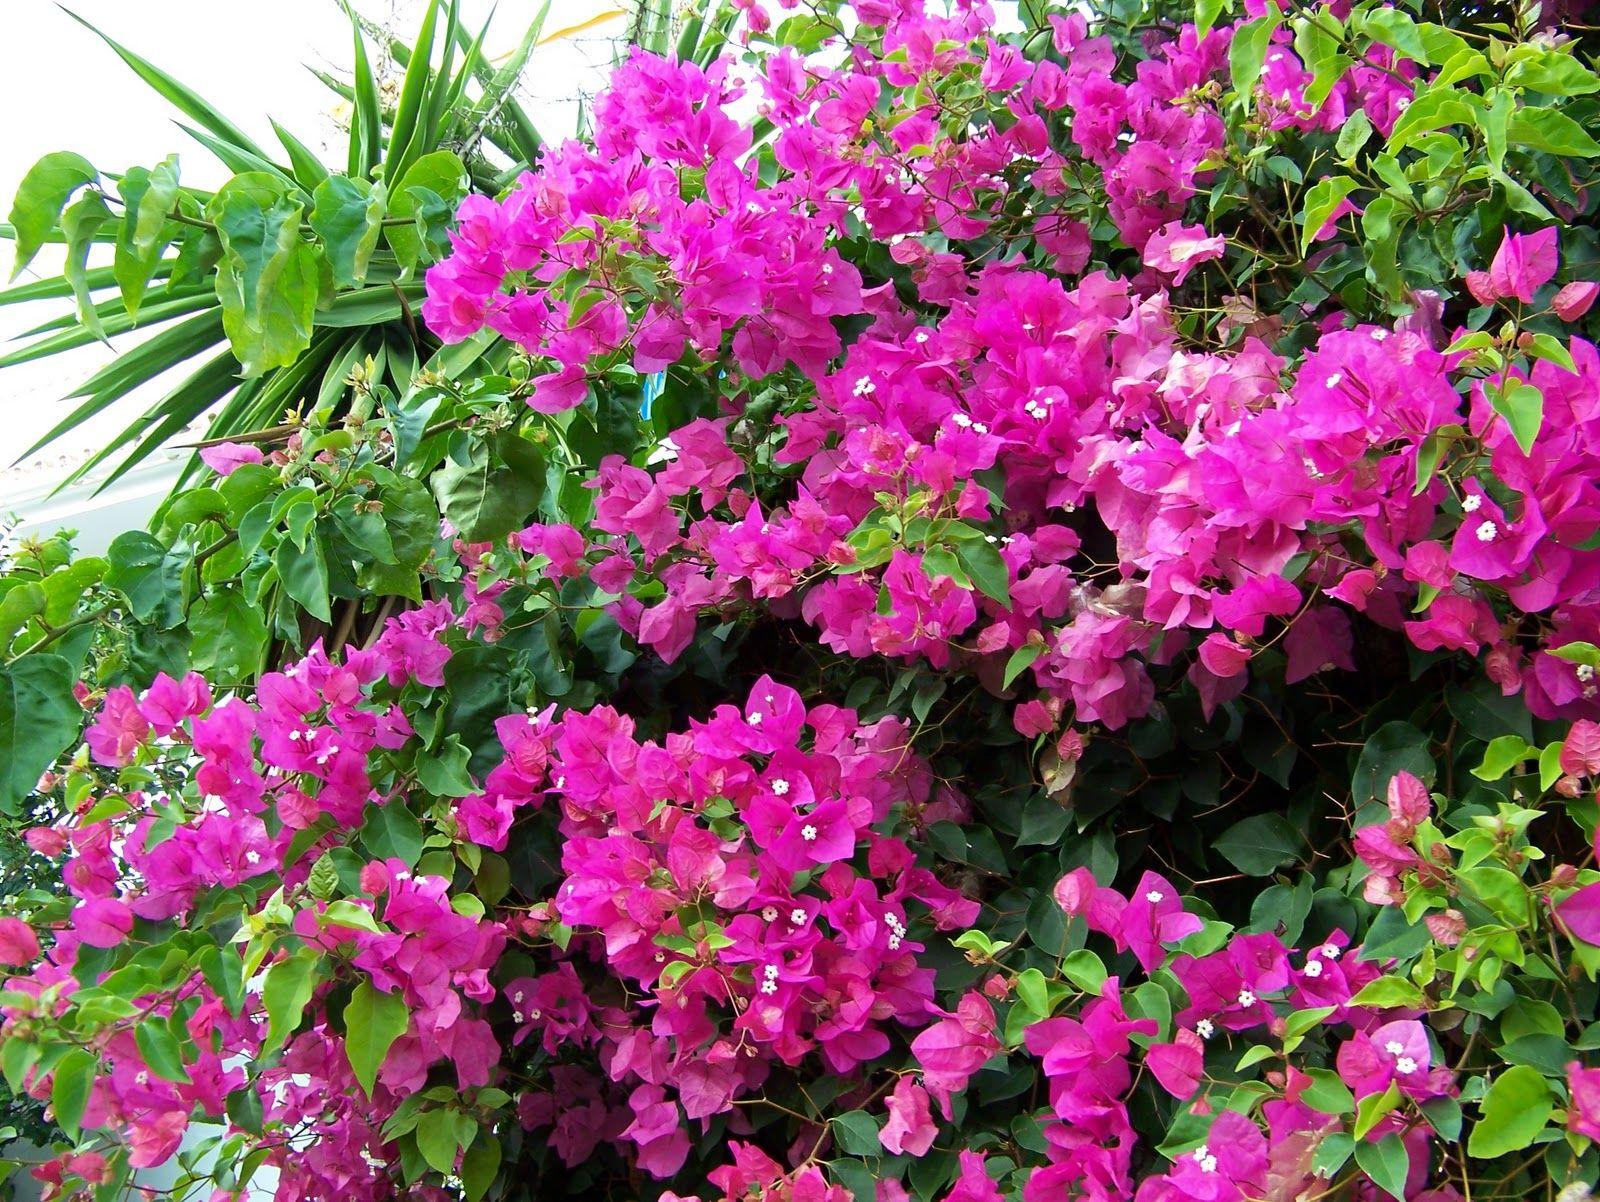 Cuidados de la buganvilla plantas y flores plantas for Jardineria exterior con guijarros